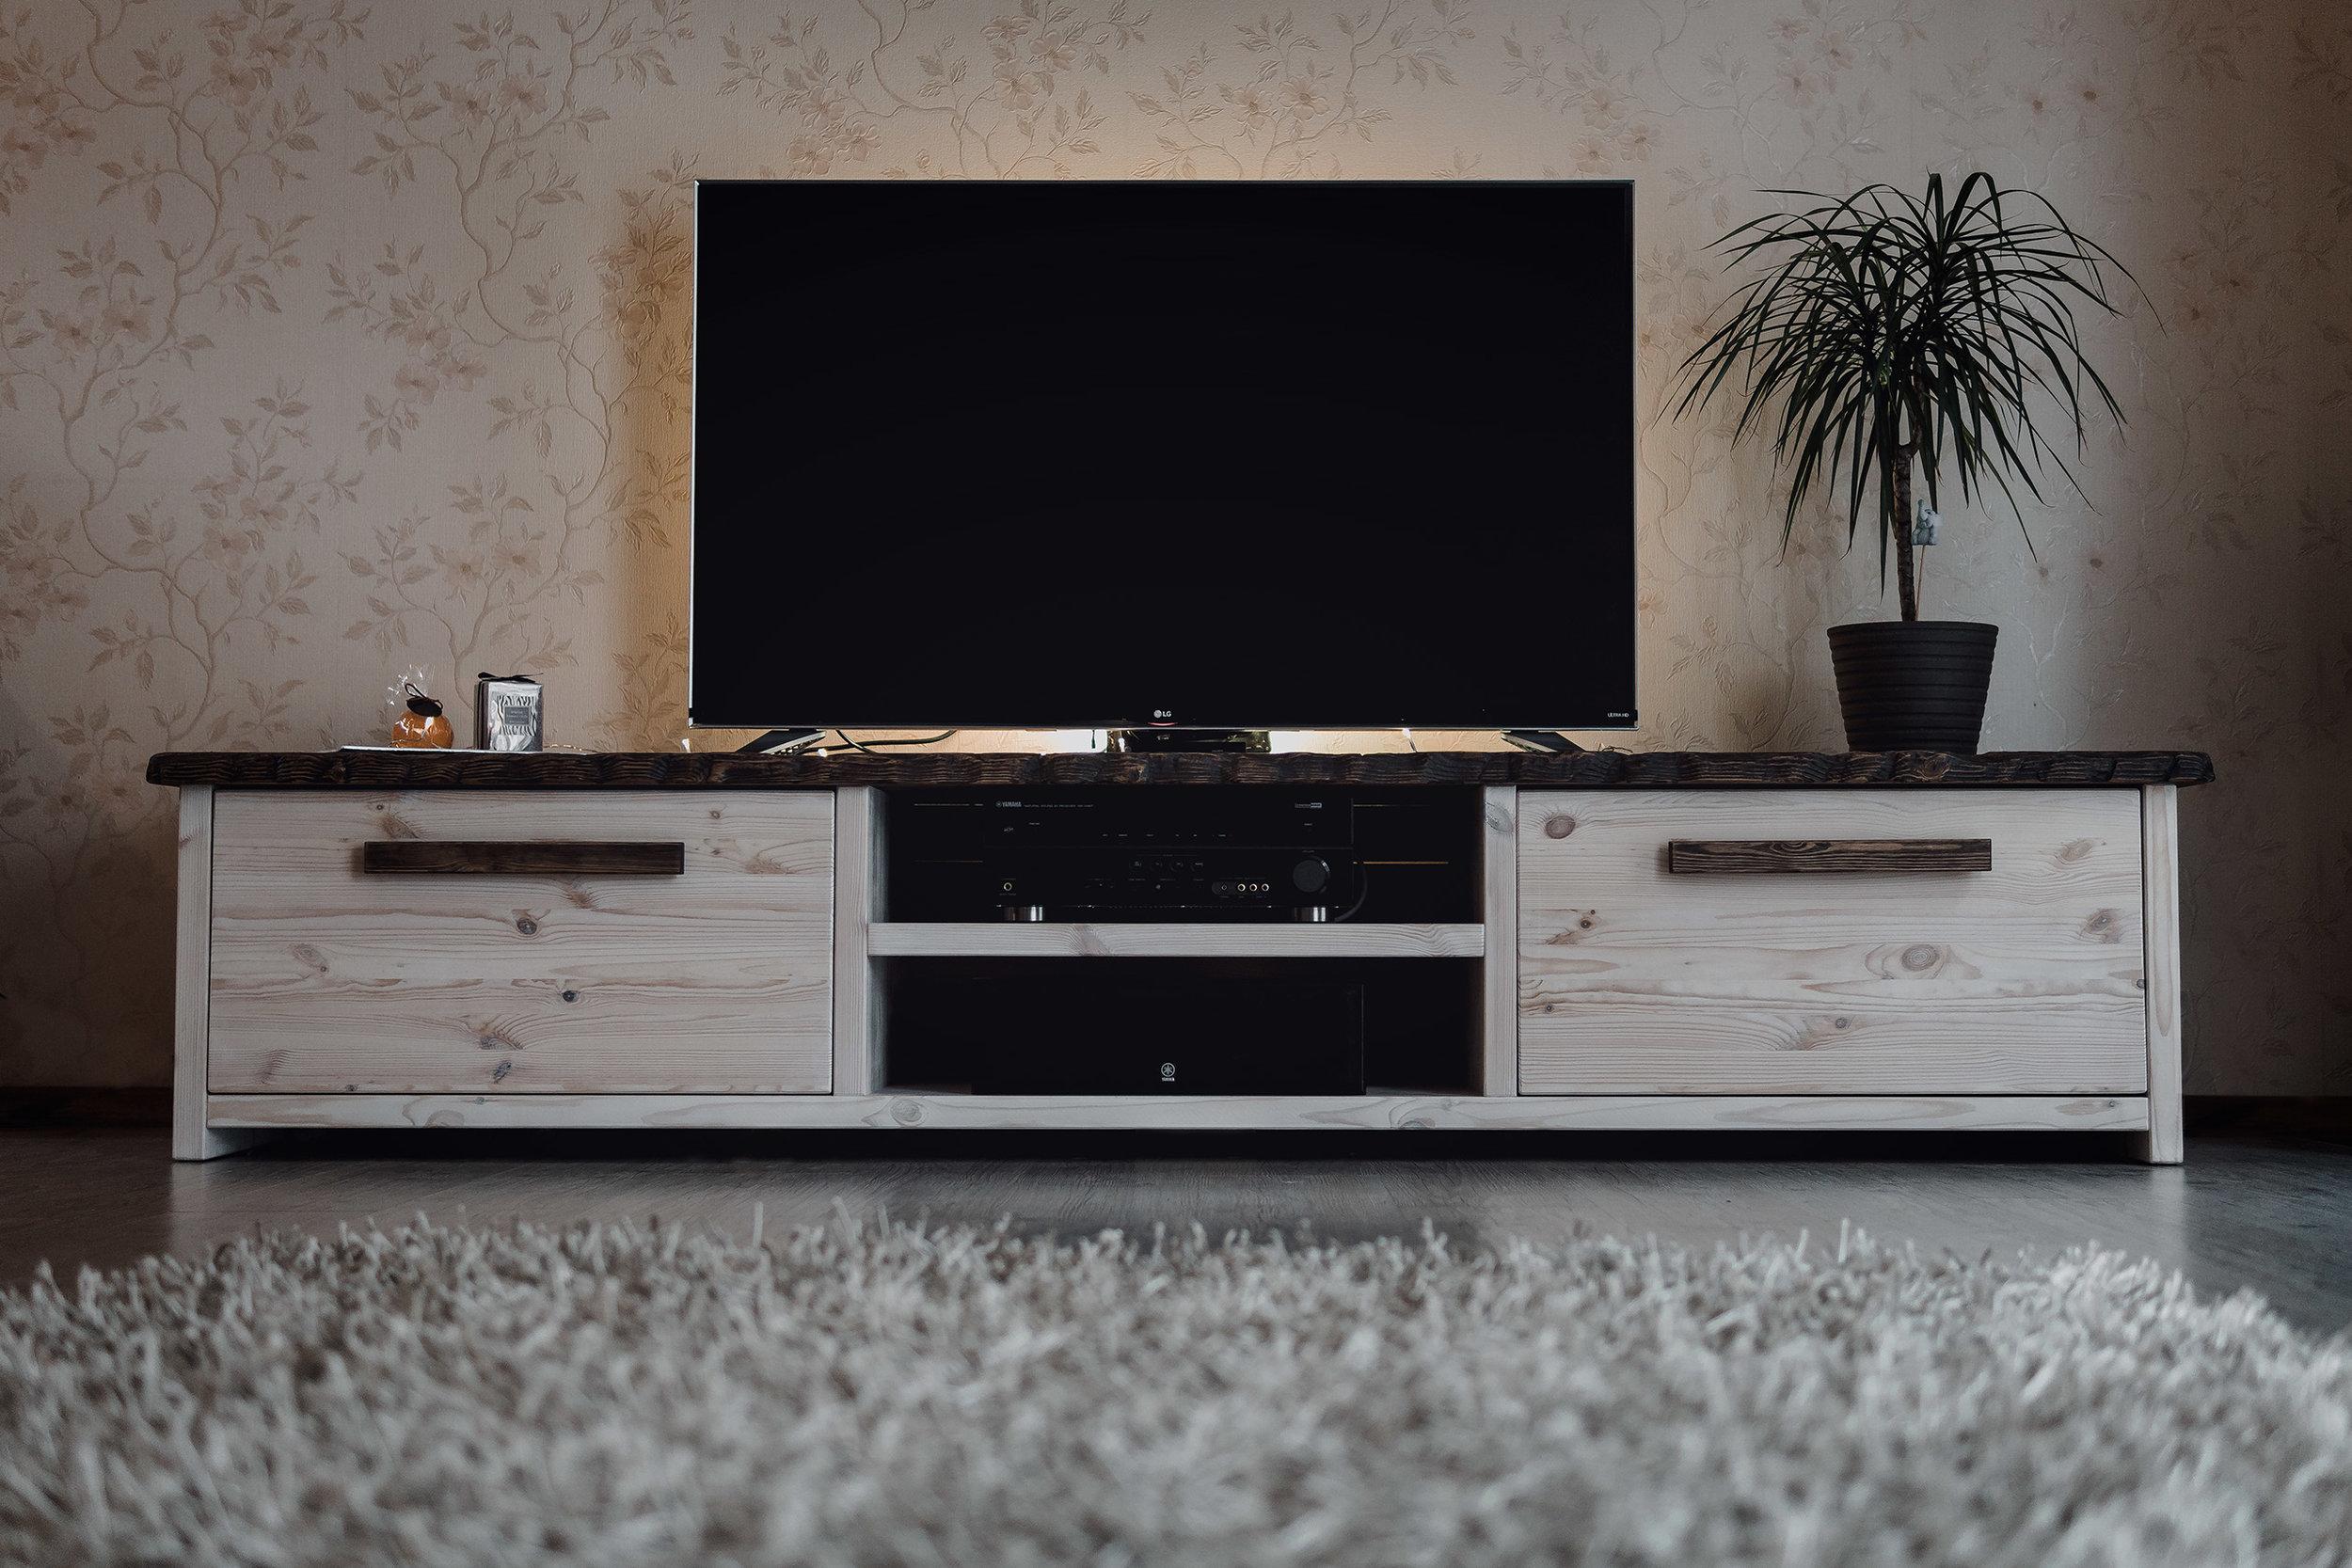 RWood-kapp-handmade-wood-furniture-vanutatud-vana-puit.jpg